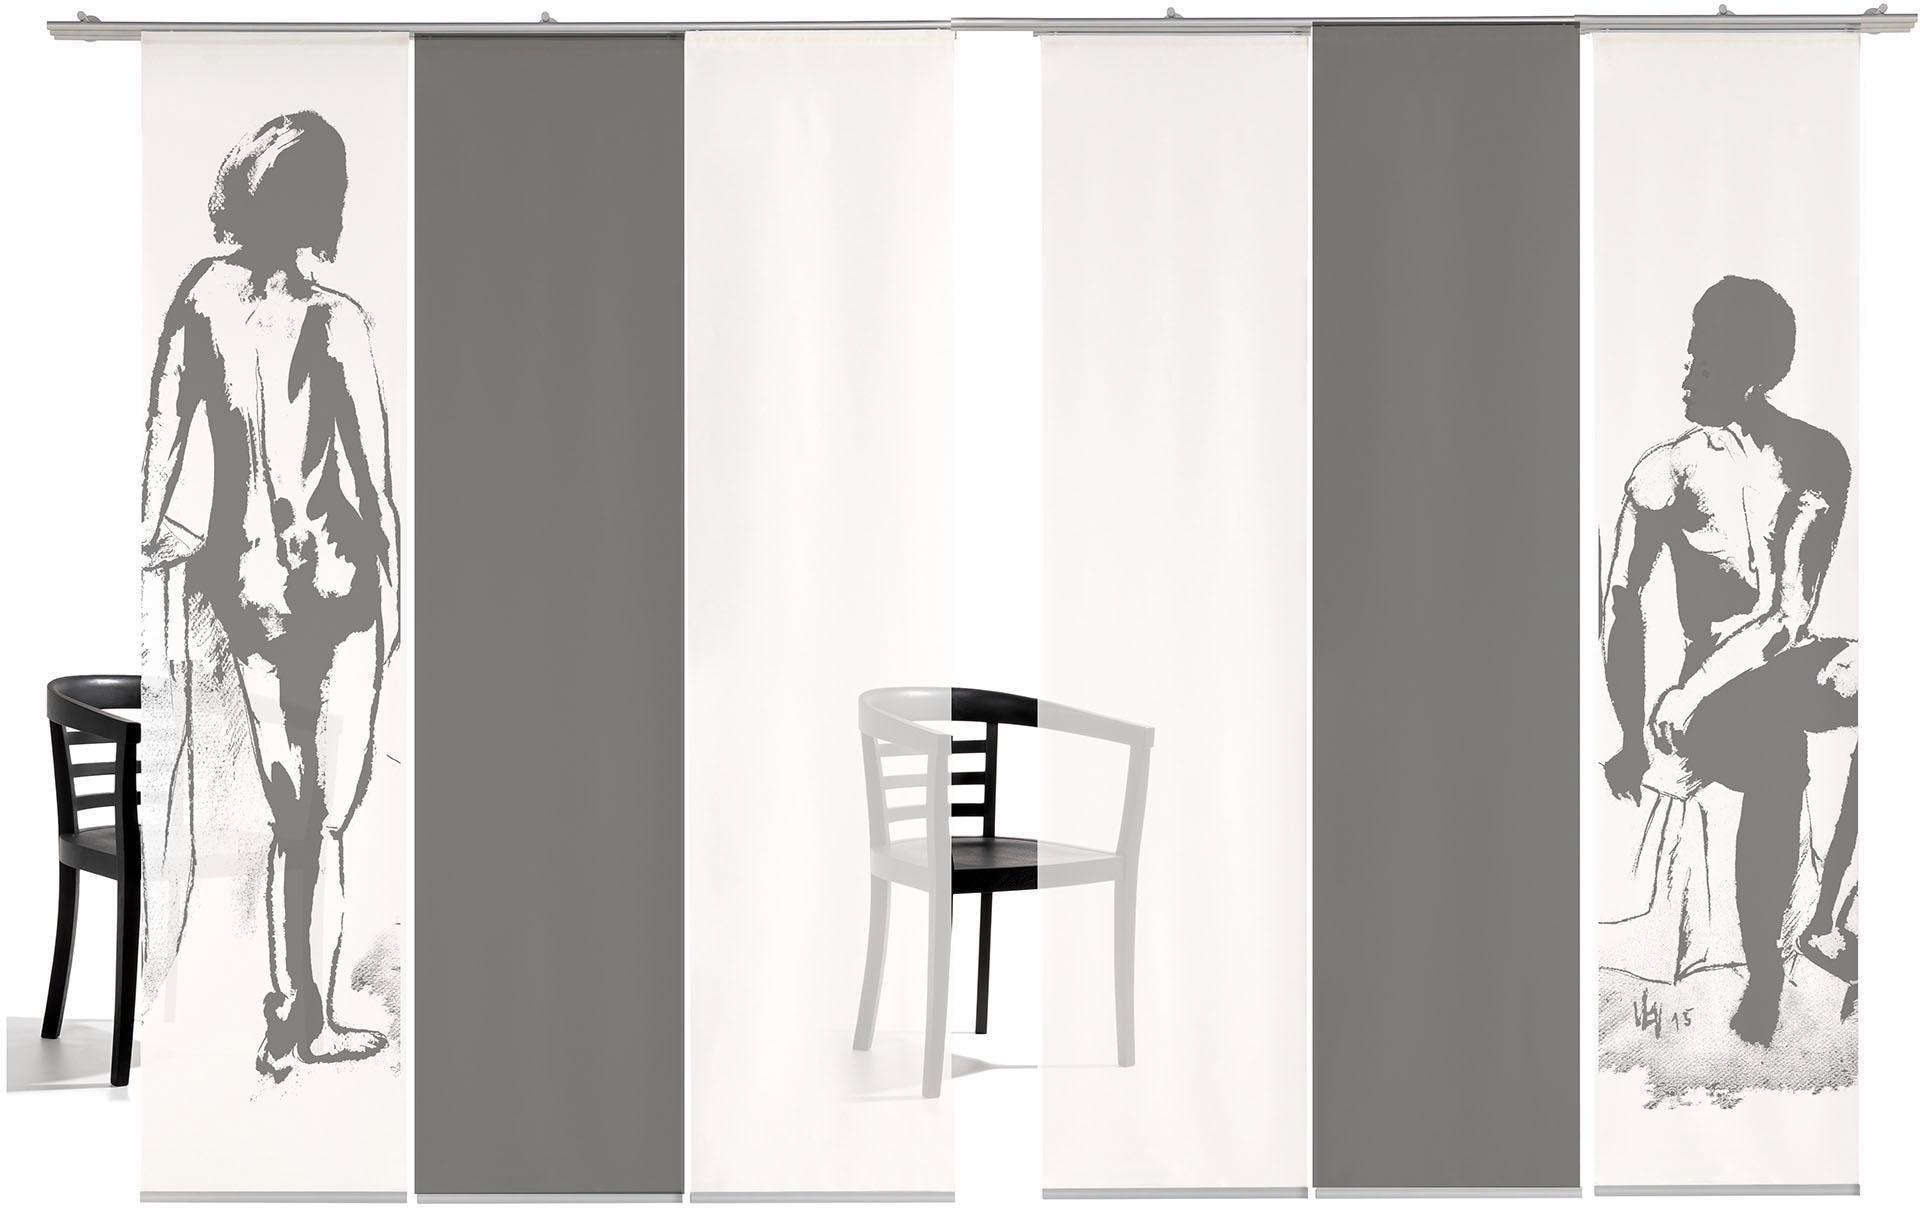 Schiebegardine emotion textiles Mann/Frau Farbig mit Klettband (6 Stück mit Zubehör)